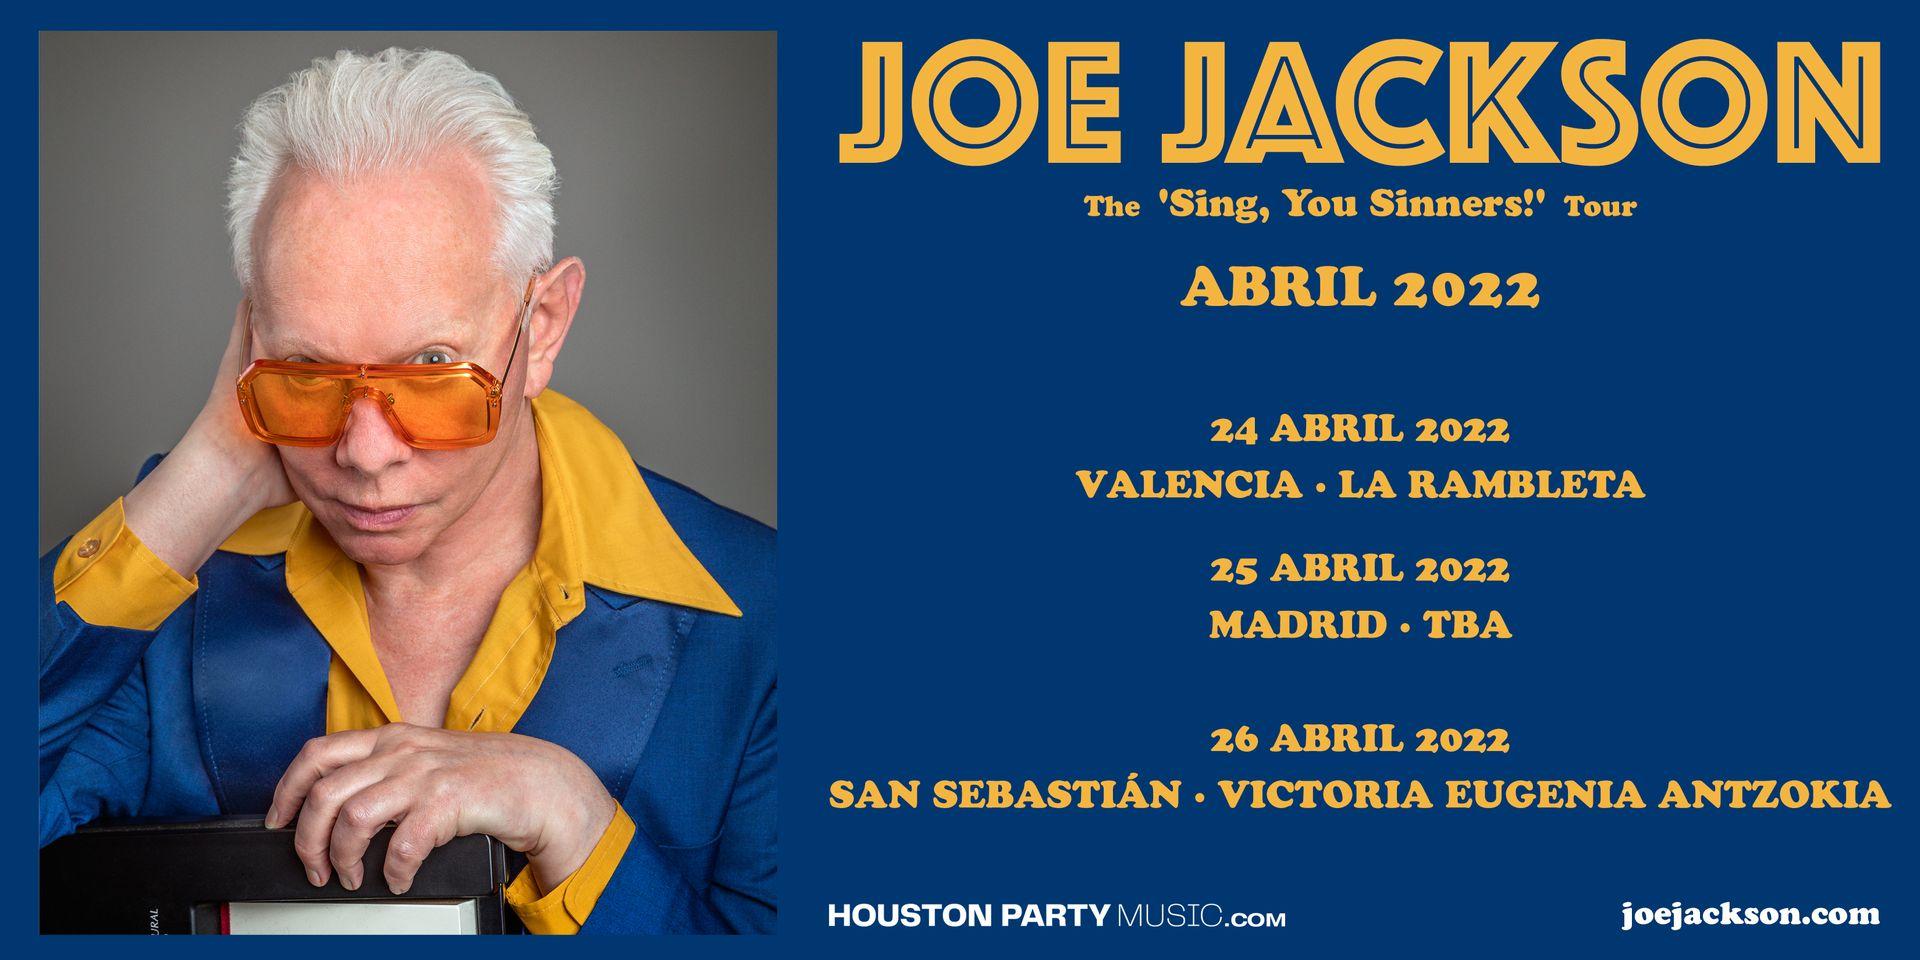 Joe Jackson actuará en abril en Valencia, Madrid y San Sebastián